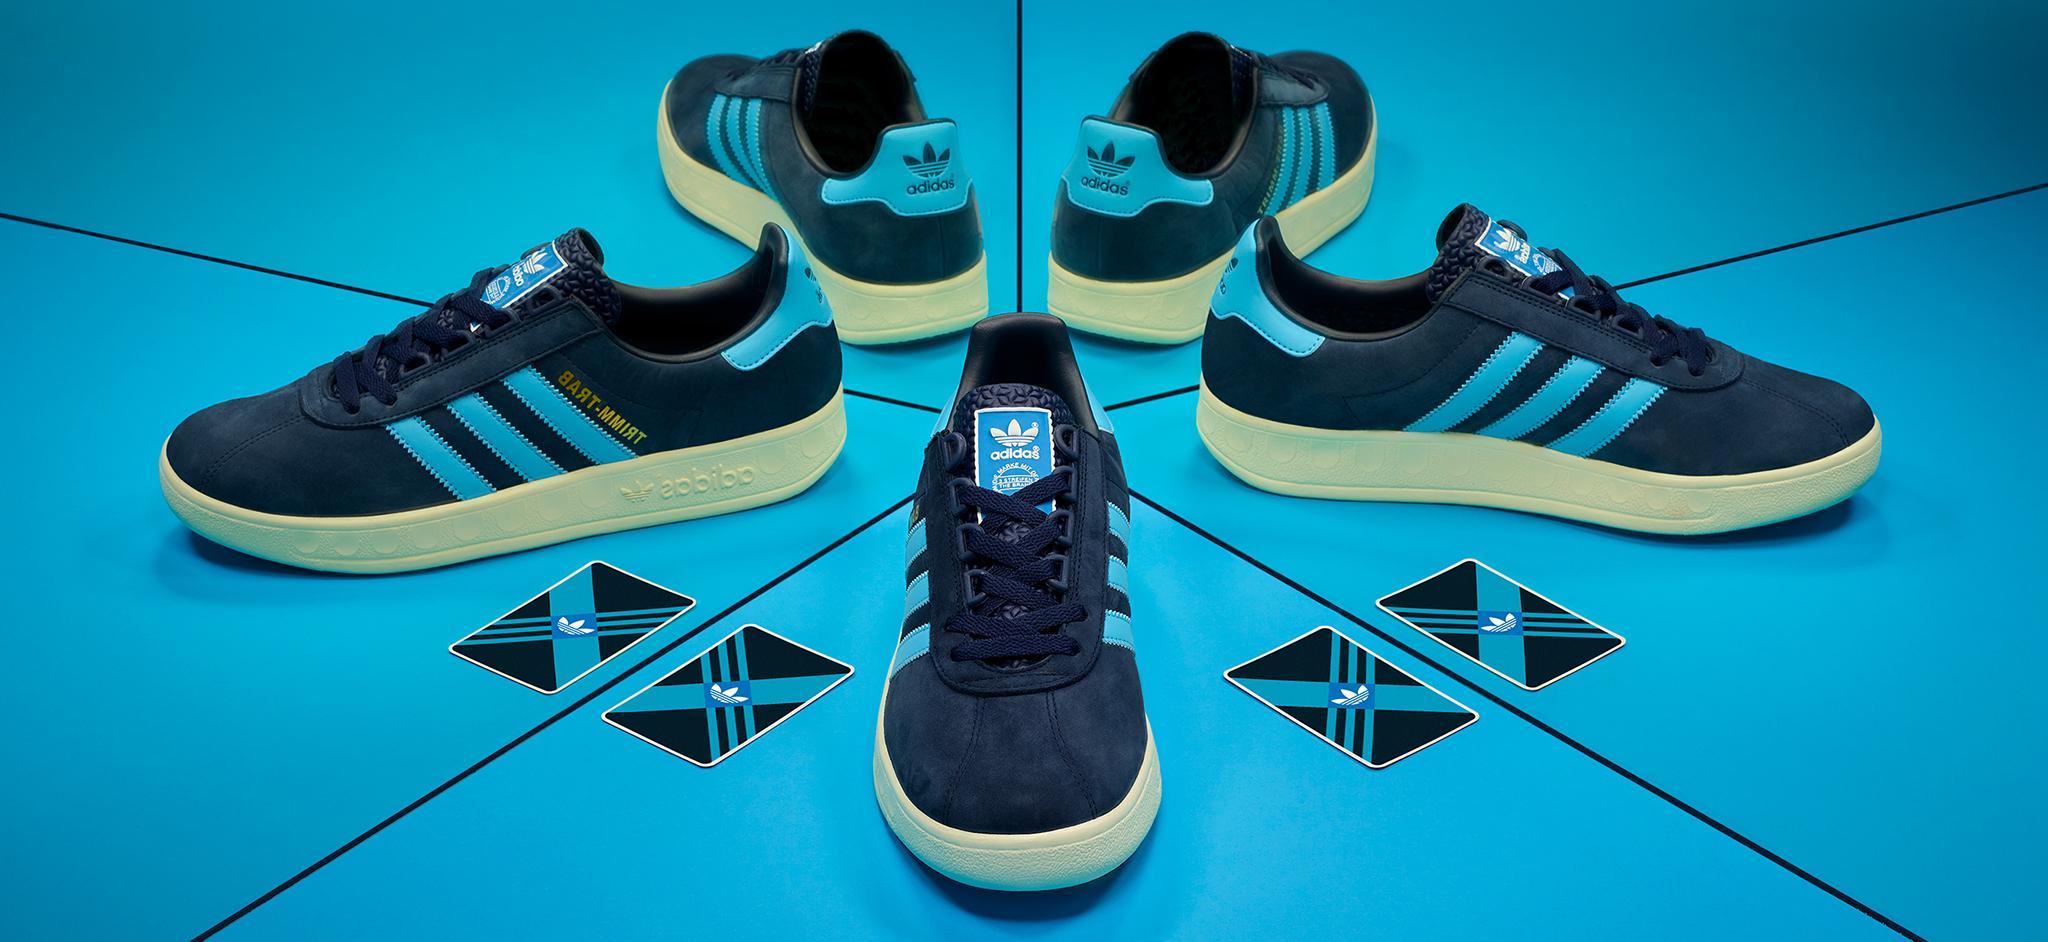 low priced 20e51 21646 adidas Originals Trimm Trab  Trimmy  - Esclusiva size